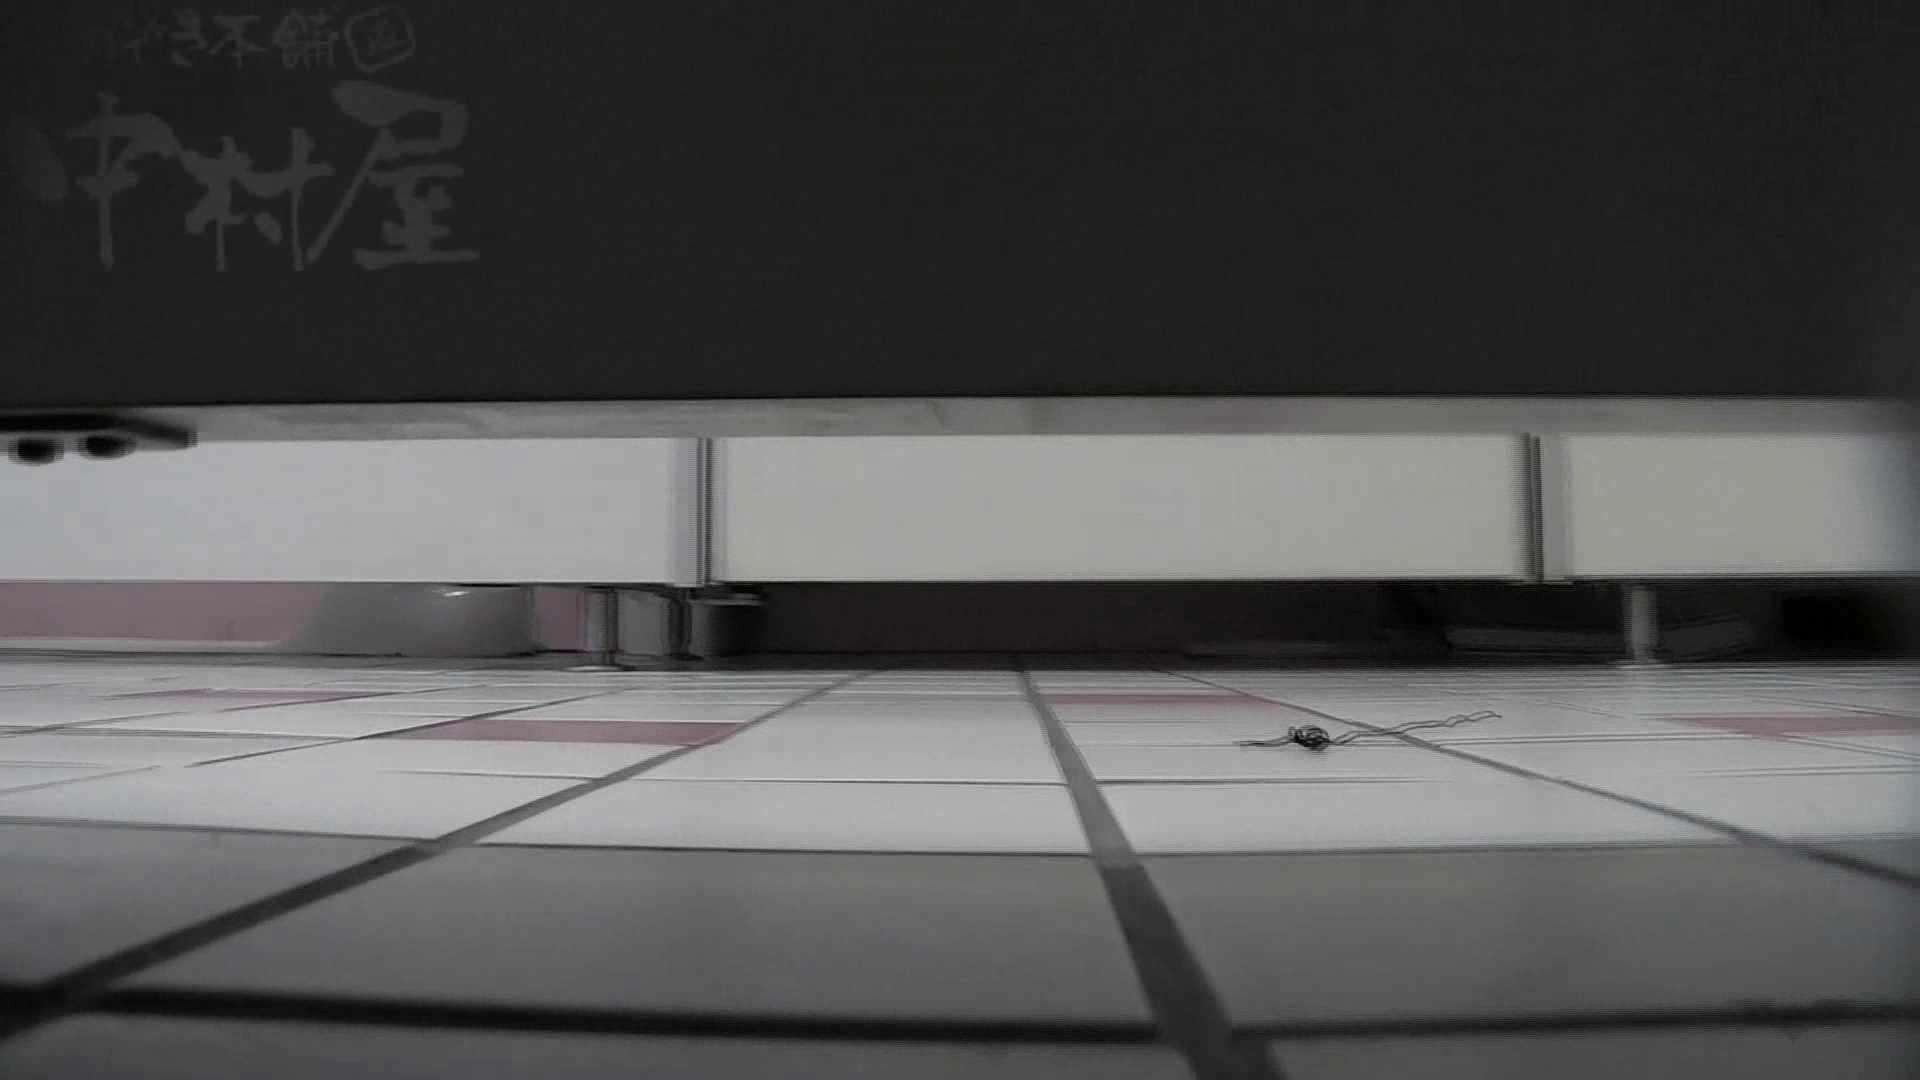 美しい日本の未来 No.16 あぁ懐かしき青春の日々・・・。 マンコ・ムレムレ AV無料動画キャプチャ 77pic 59